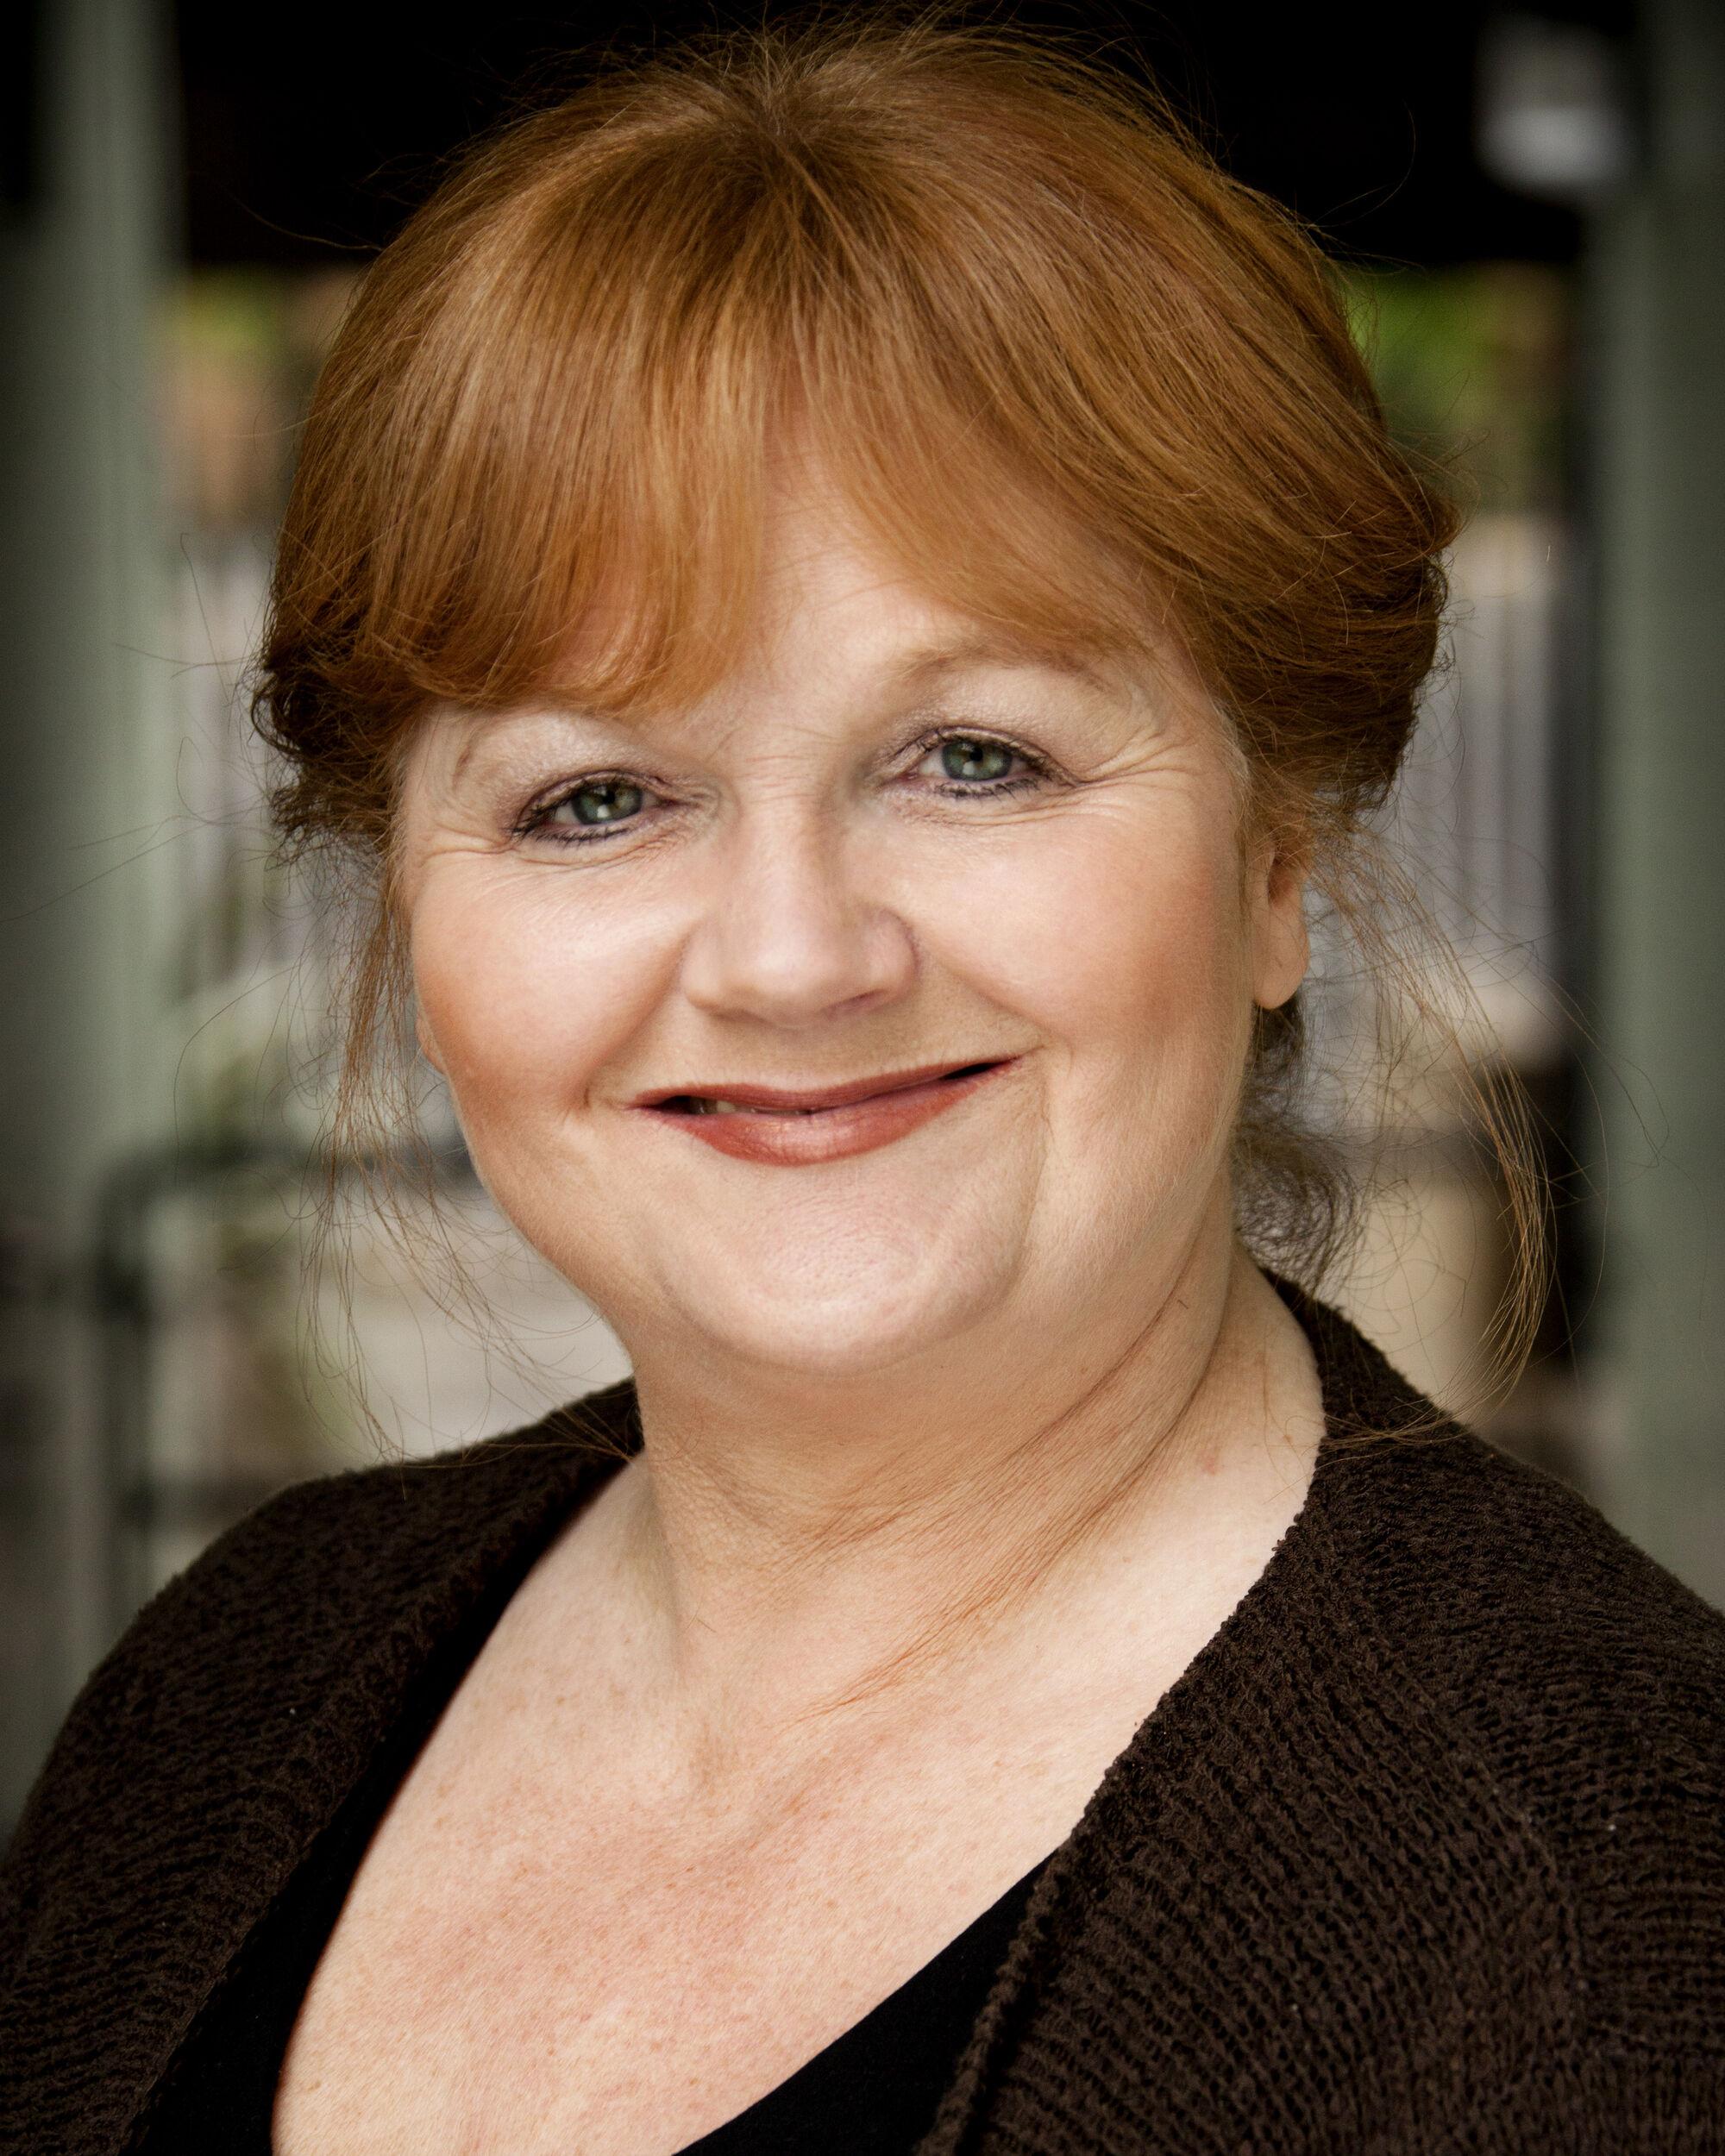 Lesley Nicol (actress)